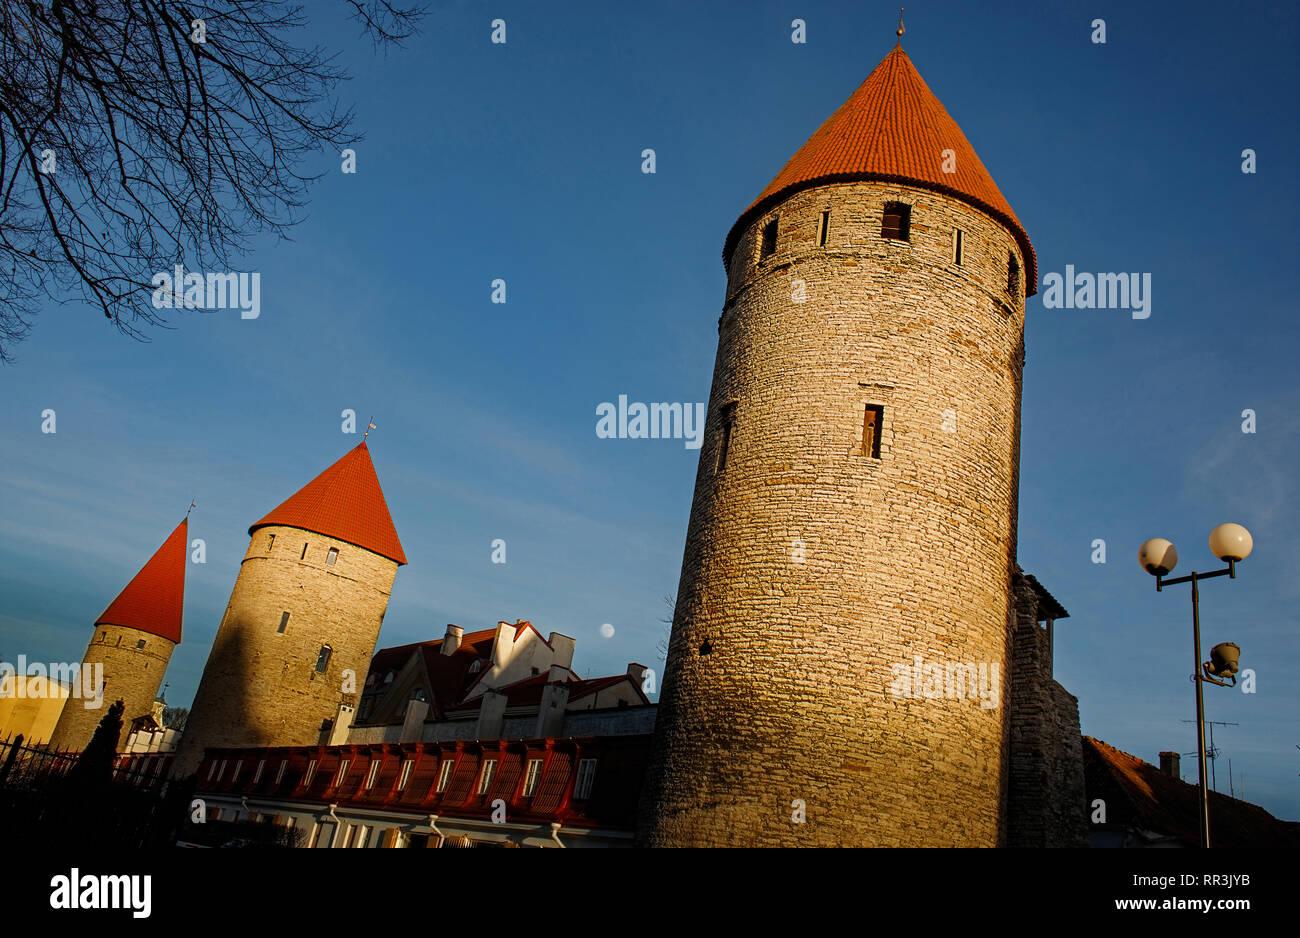 Les murs et les tours du château forteresse de la vieille ville de Tallinn, Estonie . Ciel bleu, remplir lune. L'Europe des attractions touristiques. États baltes. Banque D'Images